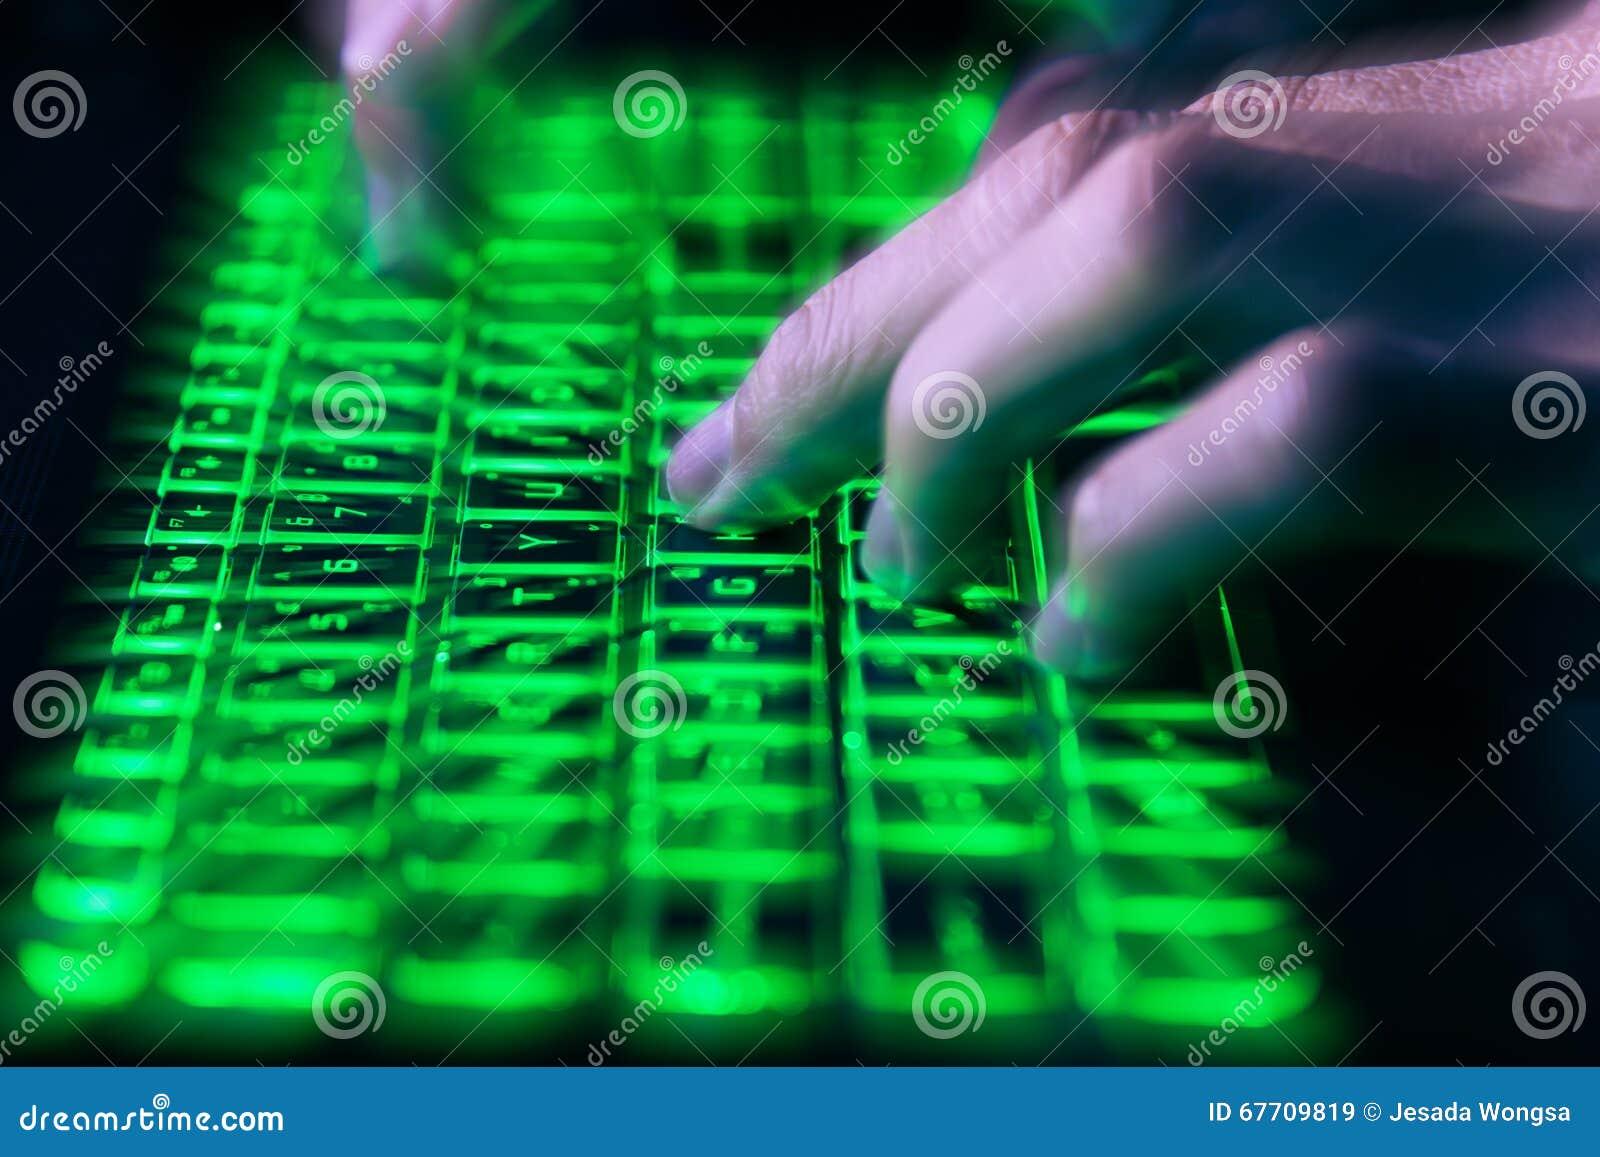 Toetsenbord Met Licht : Handen die op toetsenbord in groen licht met motieonduidelijk